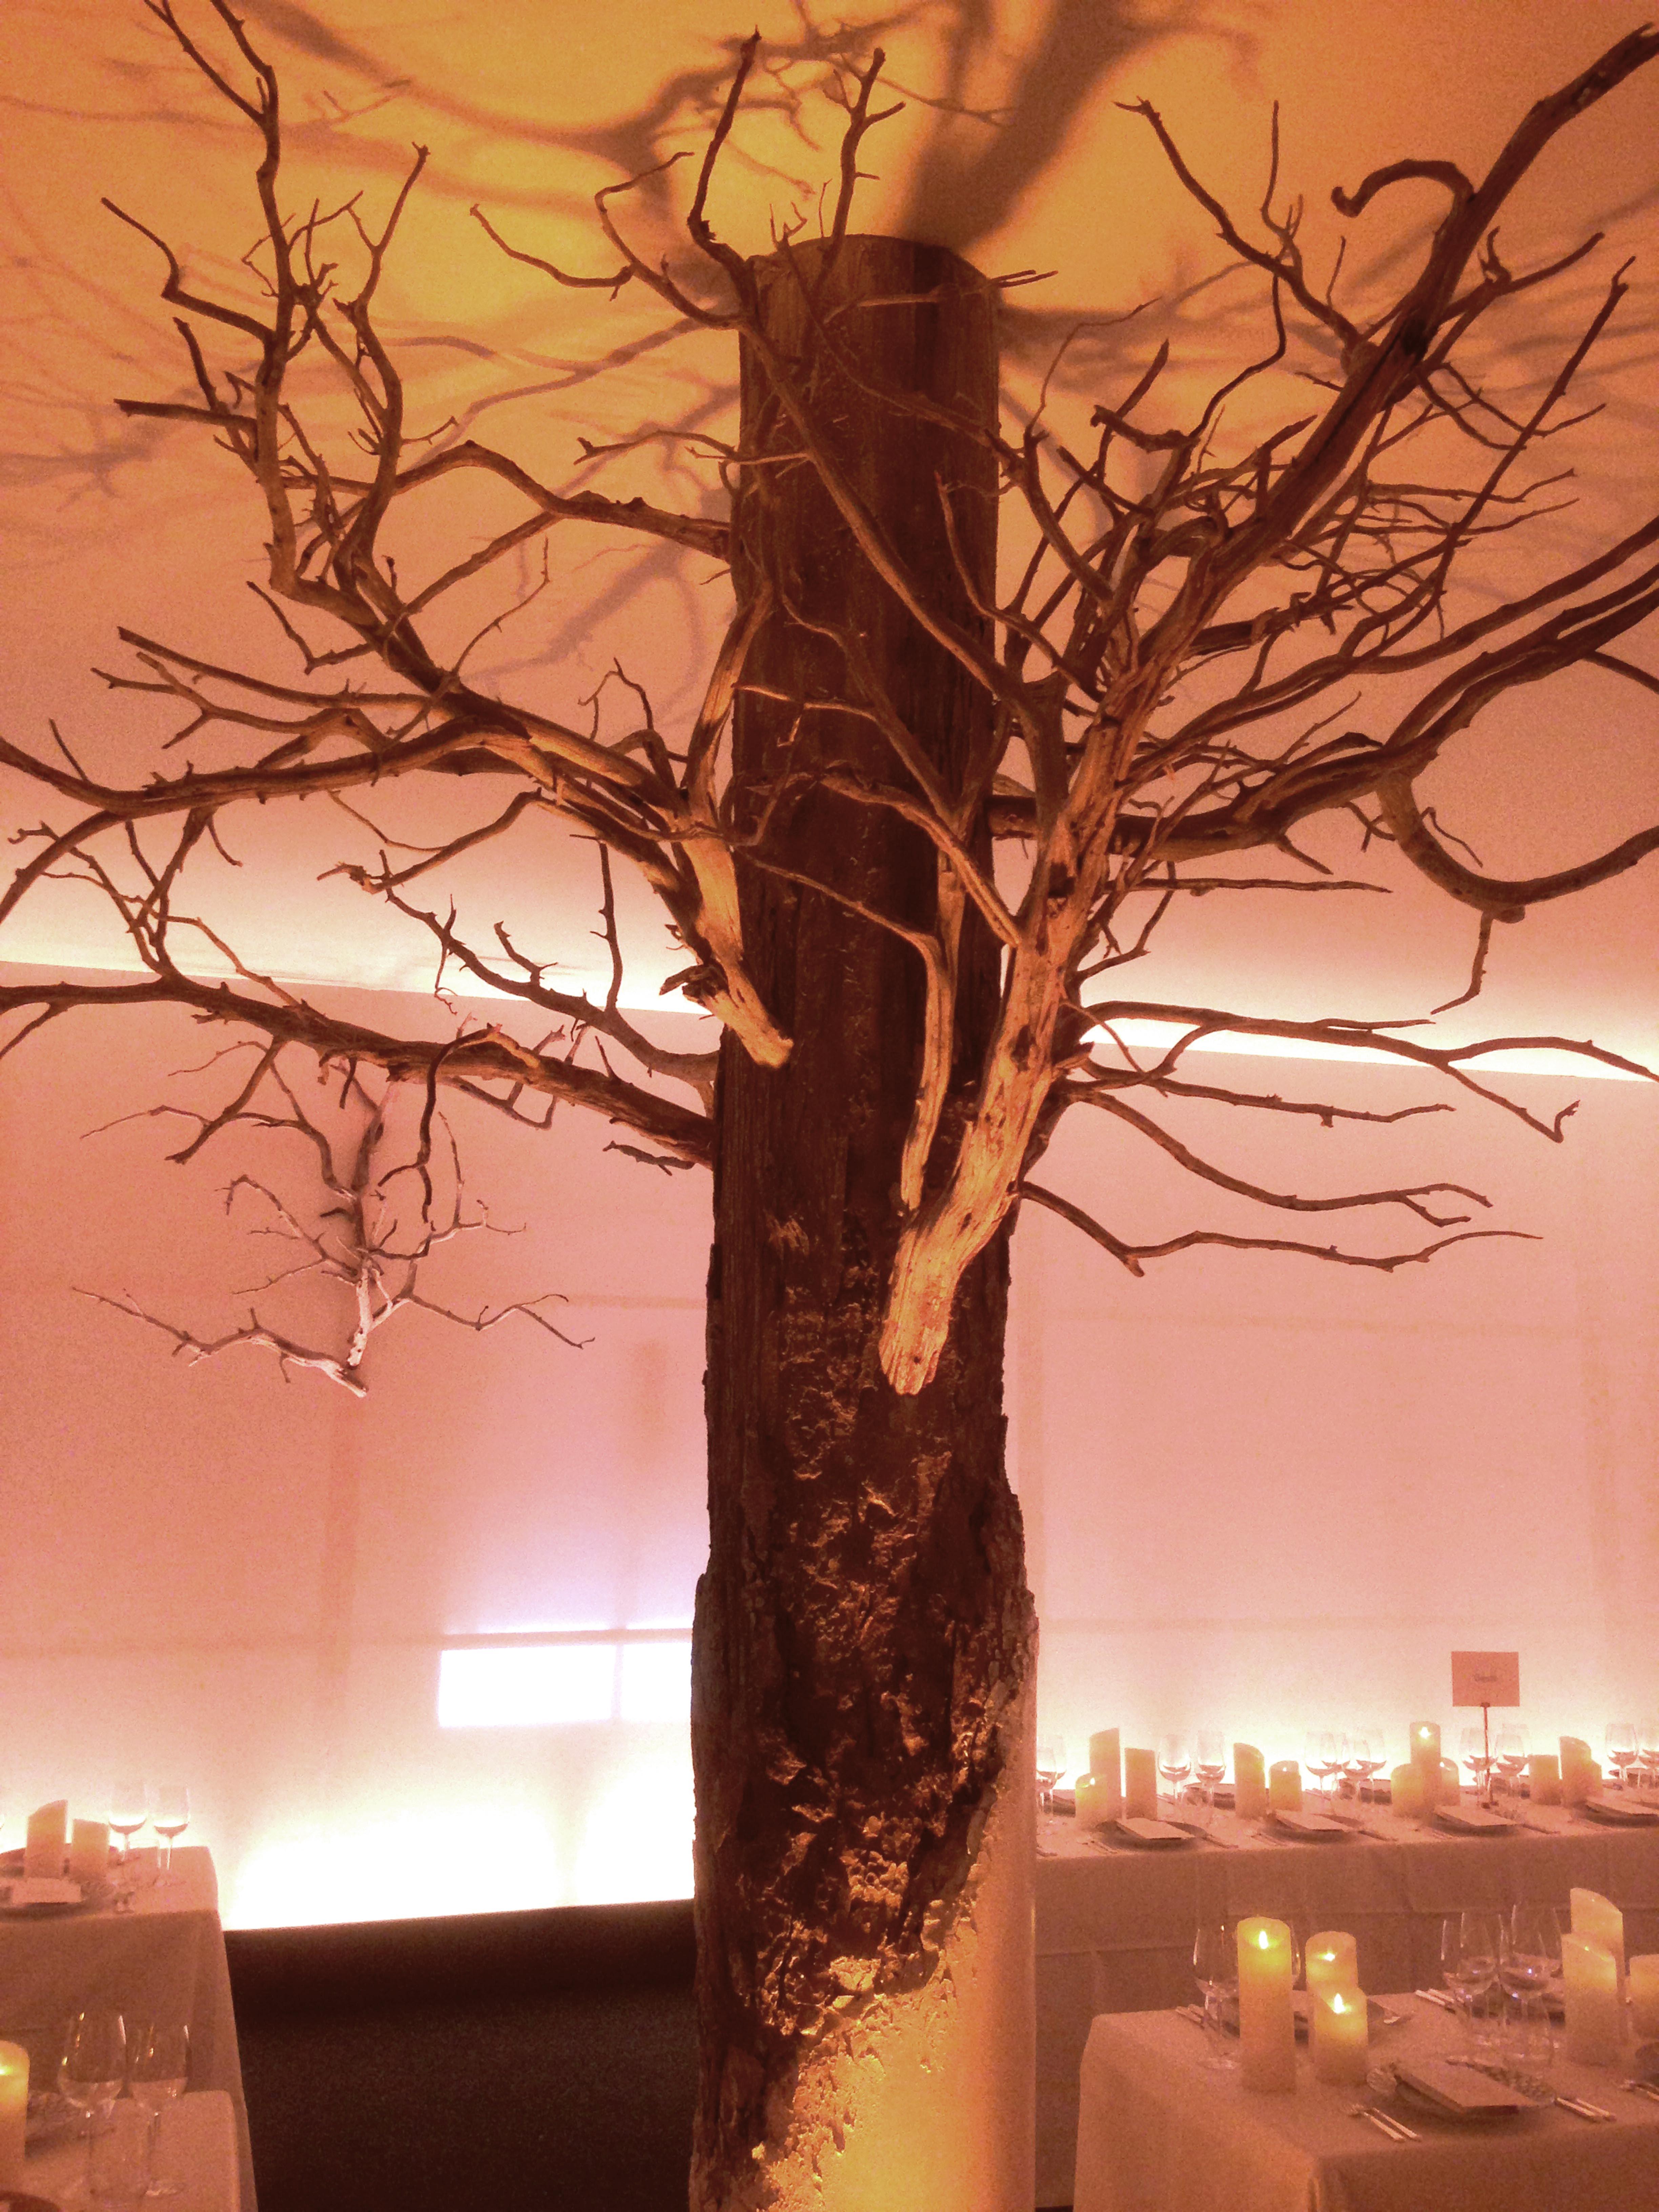 faux arbre arbres corentin meige d corateur d cor vaud suisse d coration corentin m. Black Bedroom Furniture Sets. Home Design Ideas